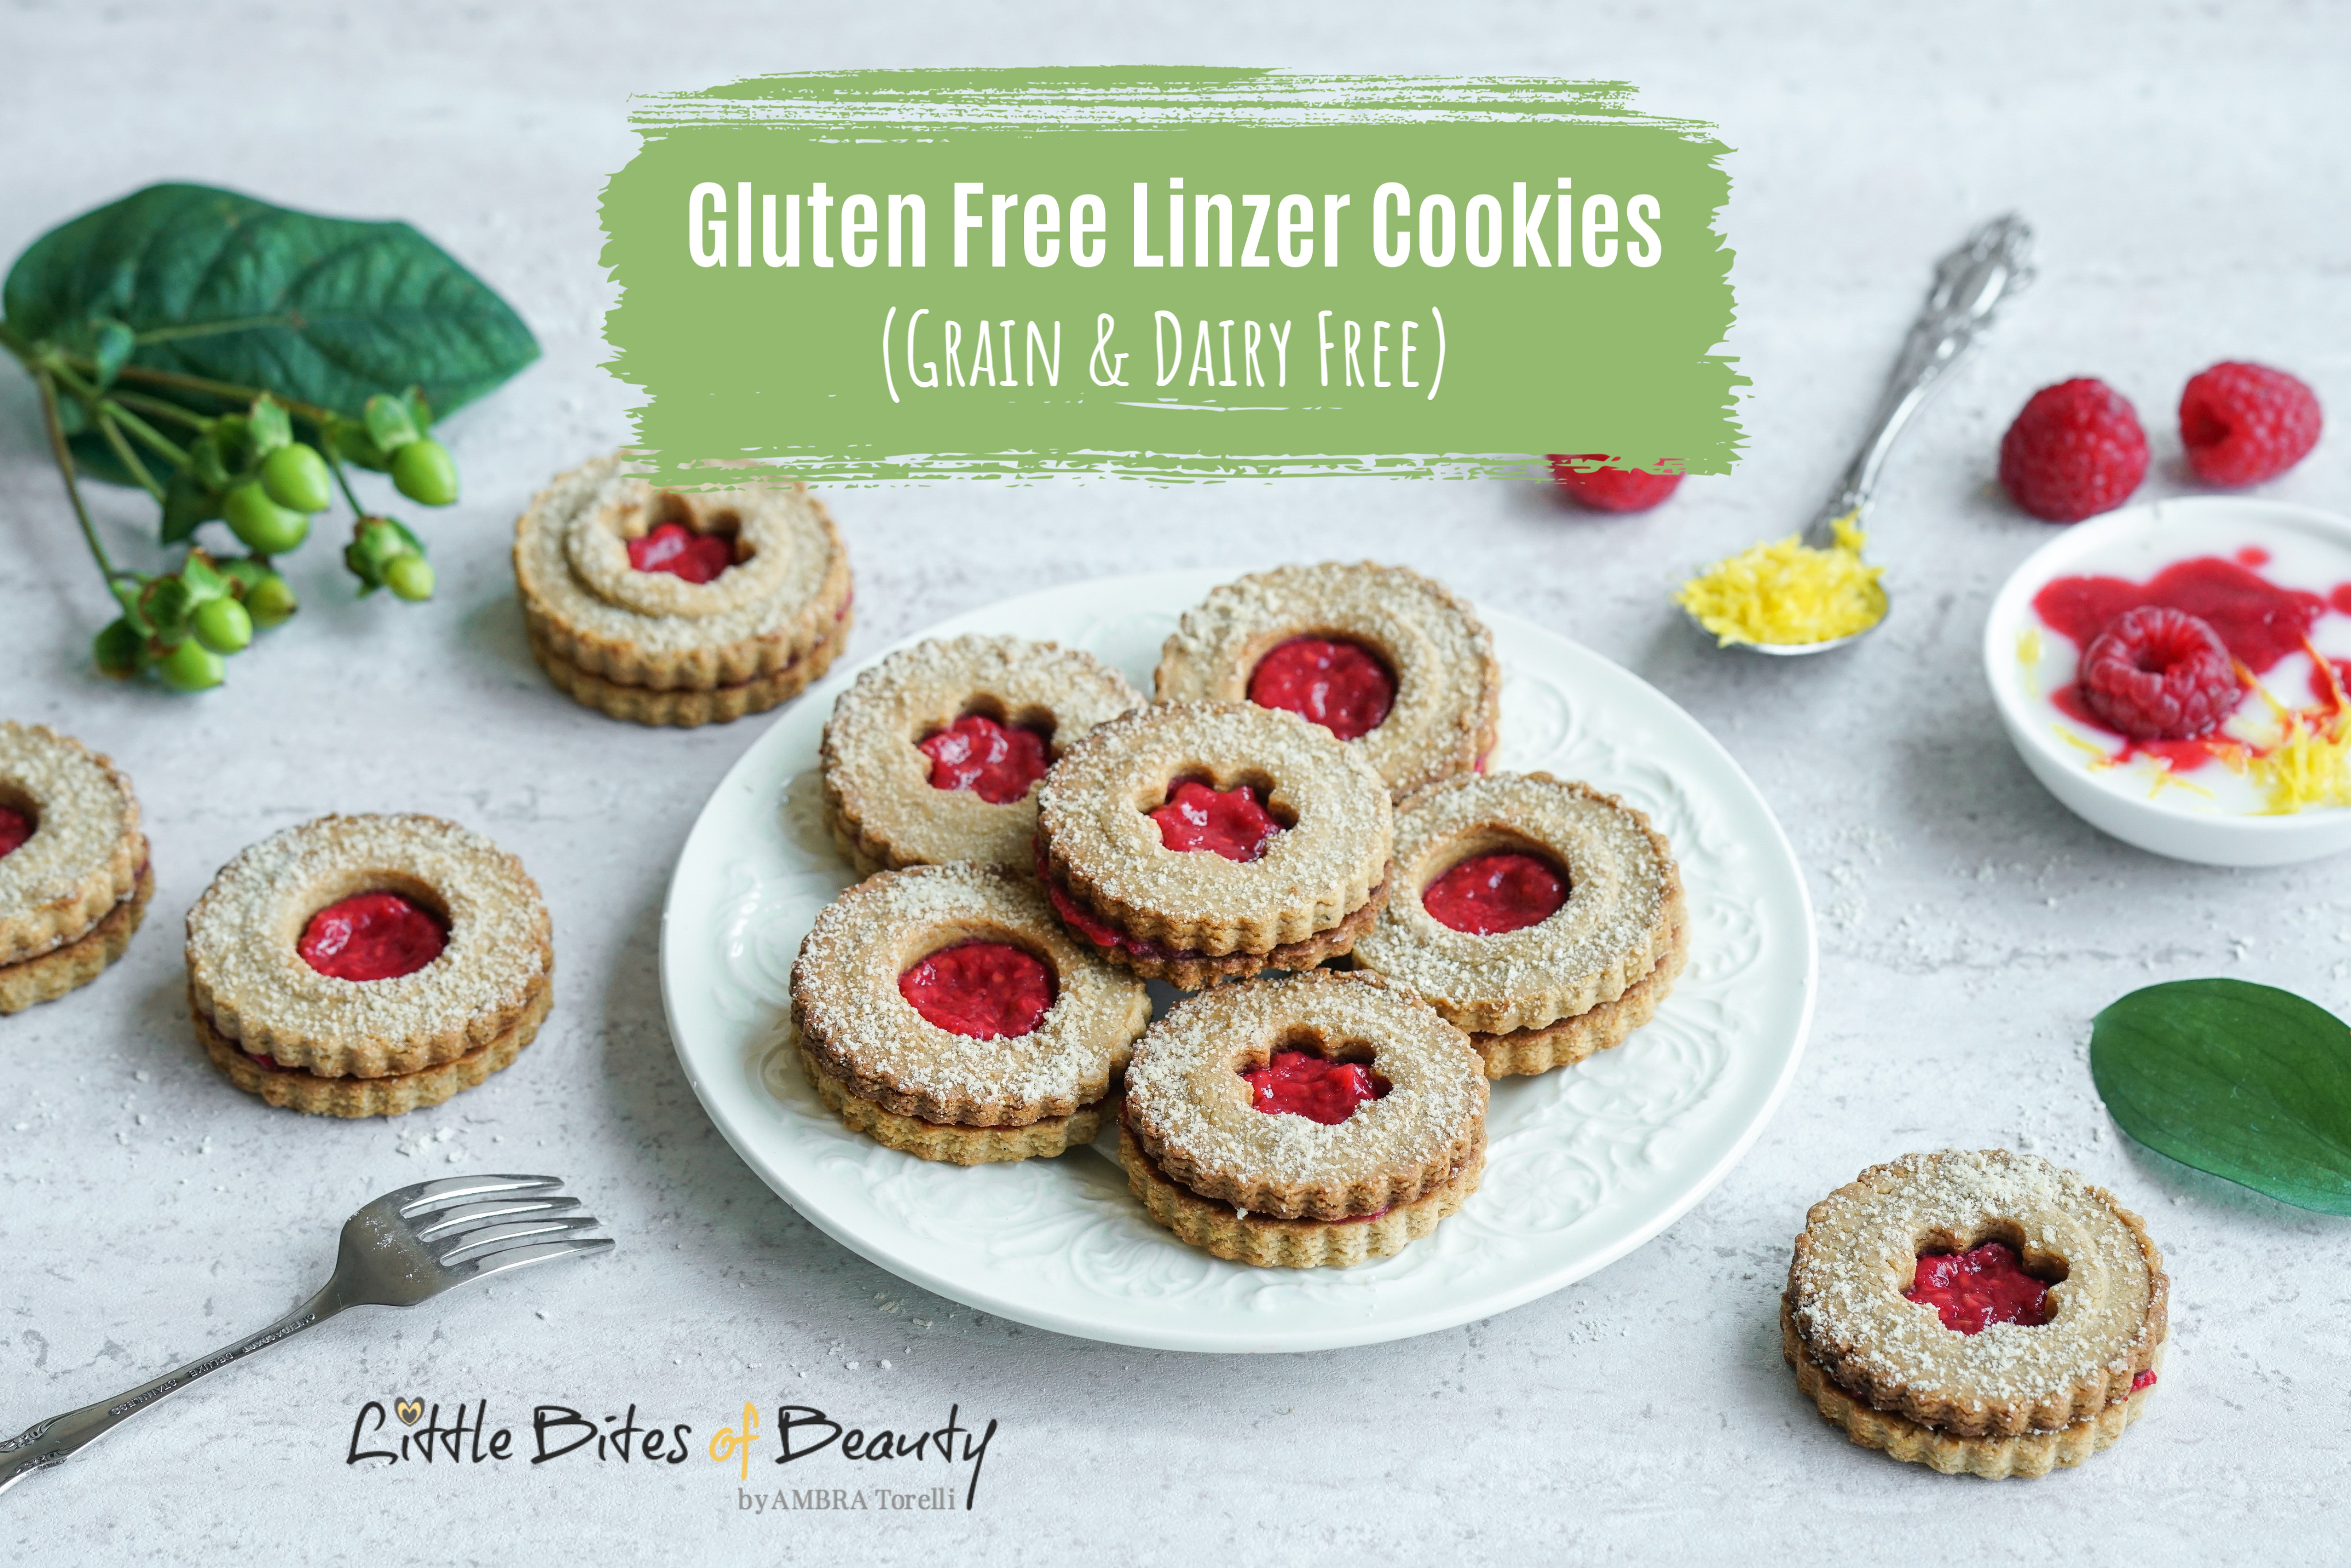 Gluten Free Linzer Cookies (Grain & Dairy Free)